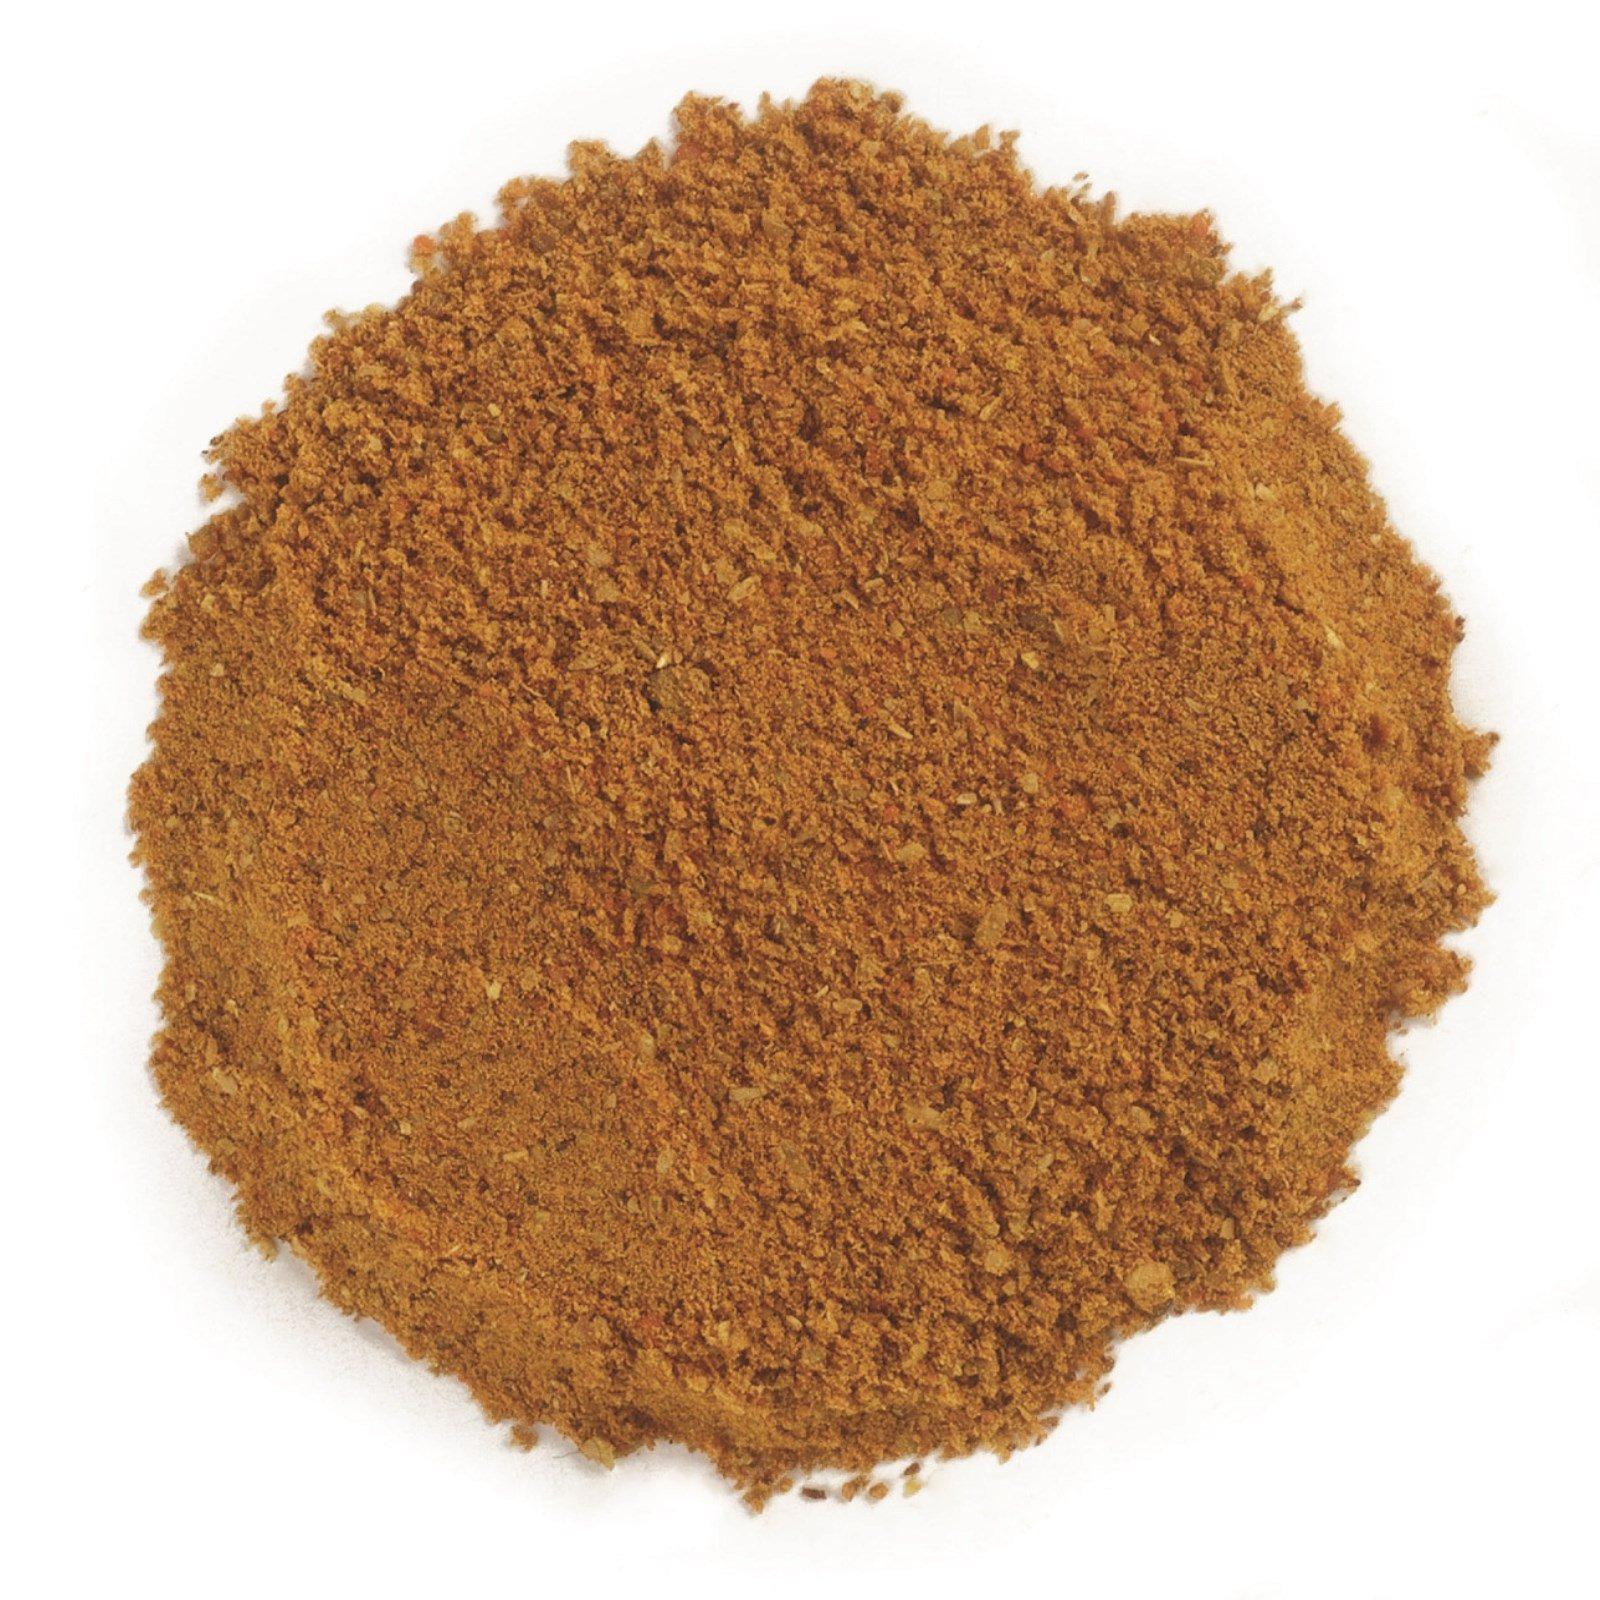 Frontier Natural Products, Сертифицированный органический порошок карри, 16 унций (453 г)